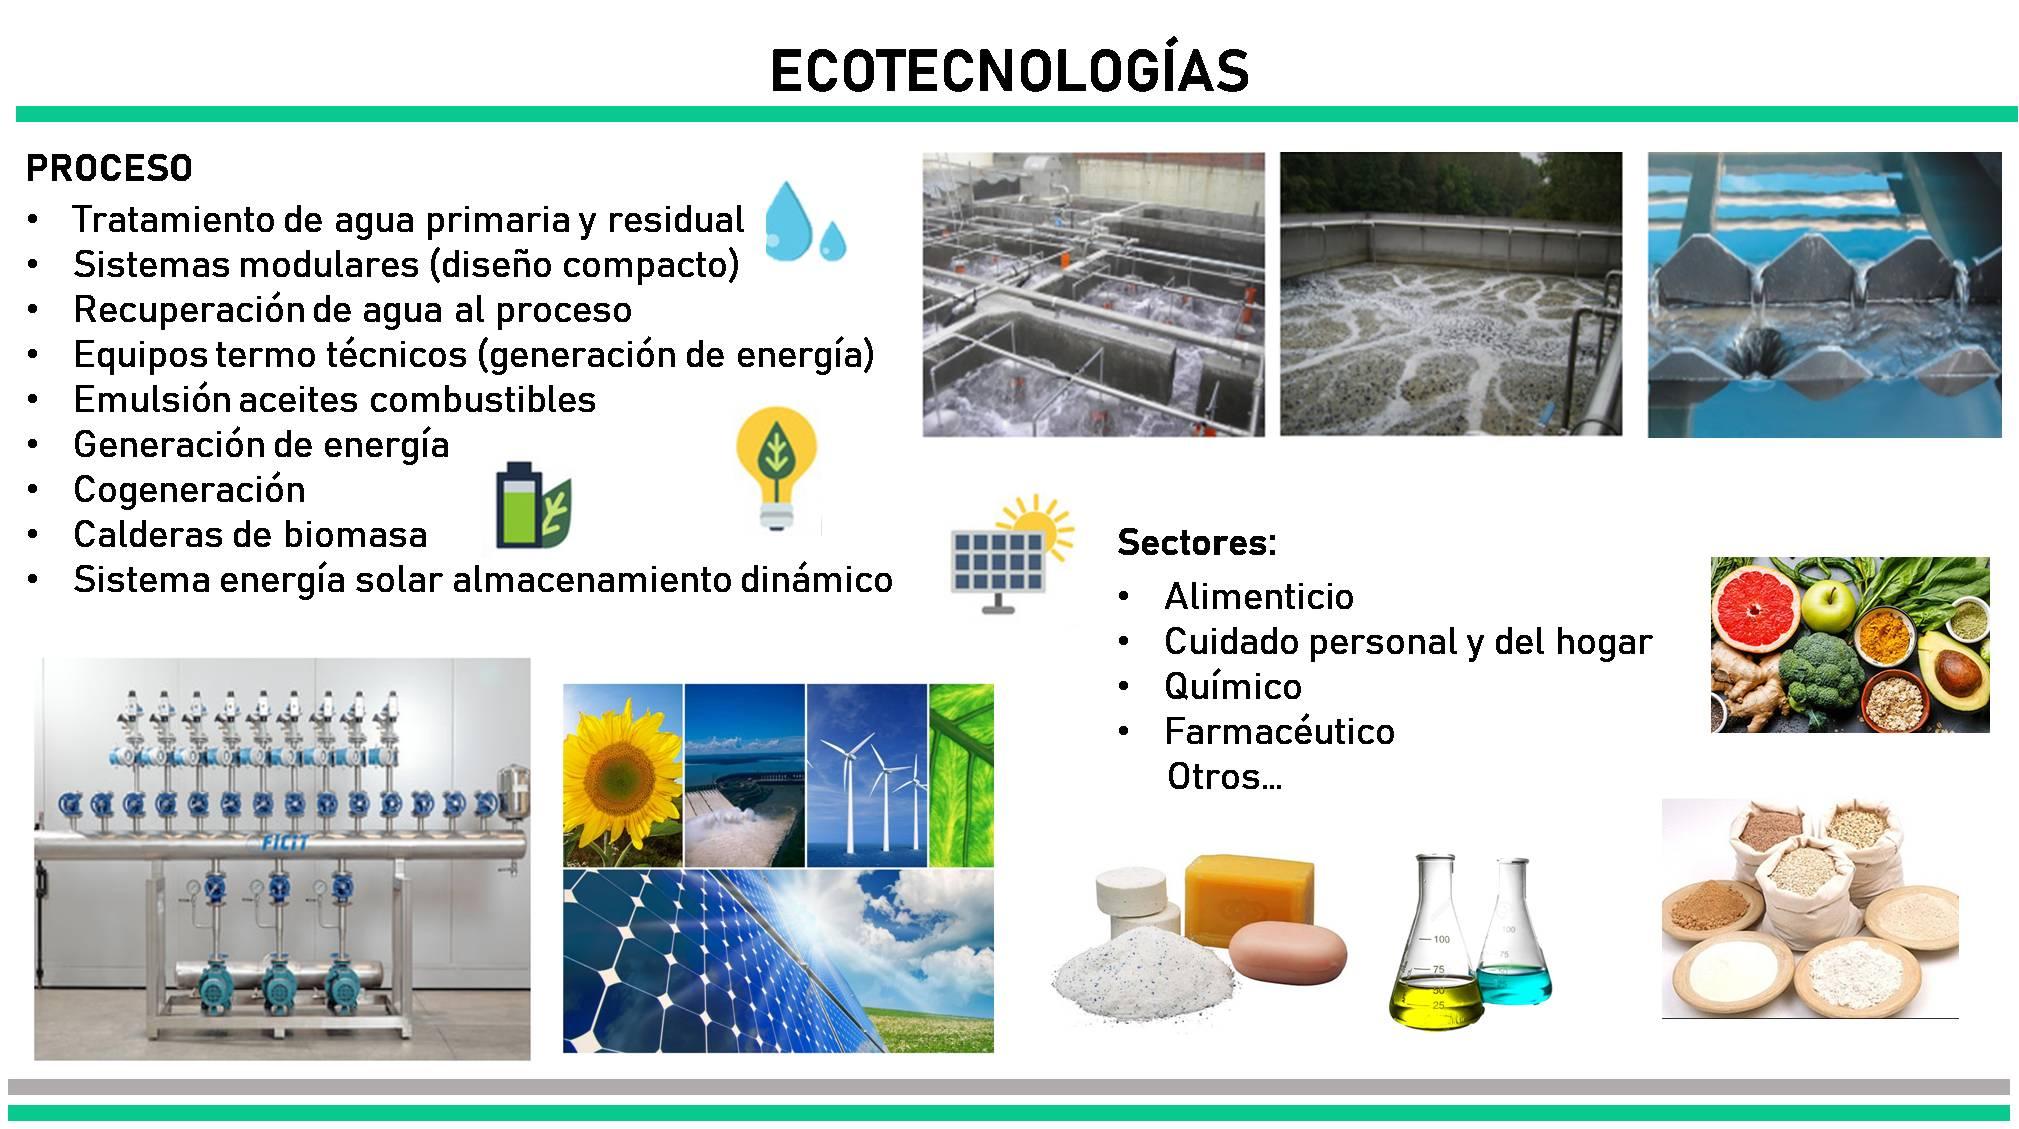 https://0201.nccdn.net/1_2/000/000/094/c54/Ecotecnologias.jpg